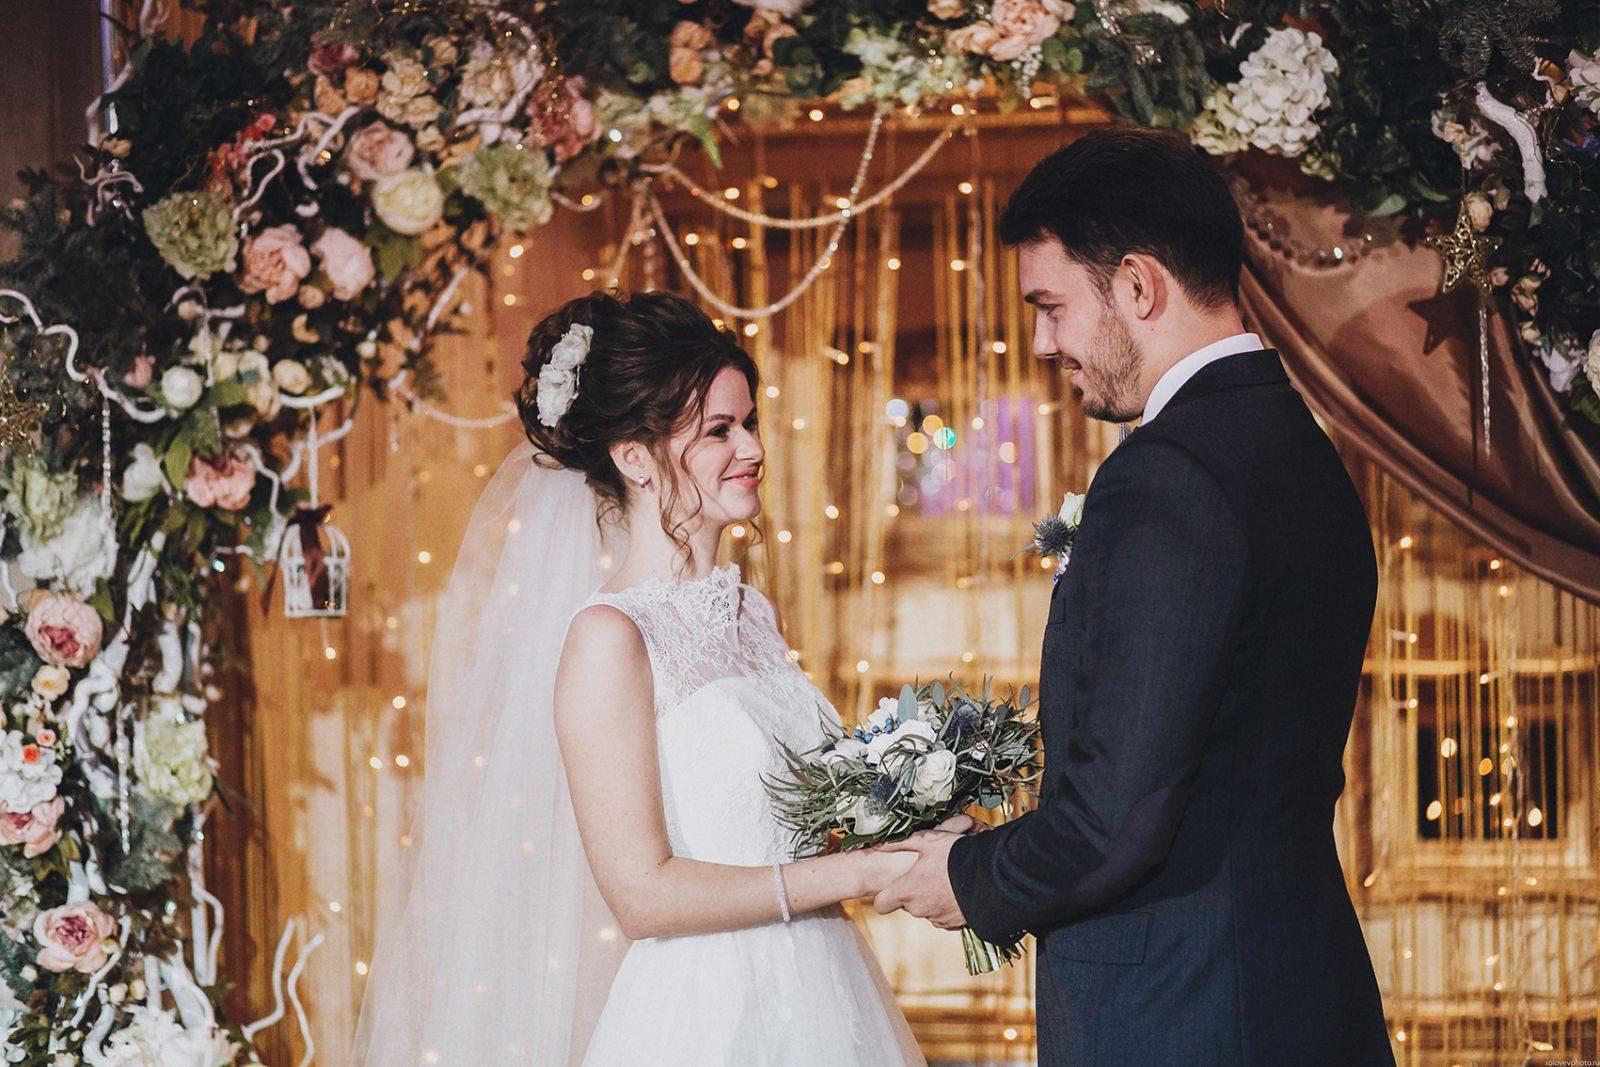 Свадебные обычаи и традиции: классические, современные и устаревшие